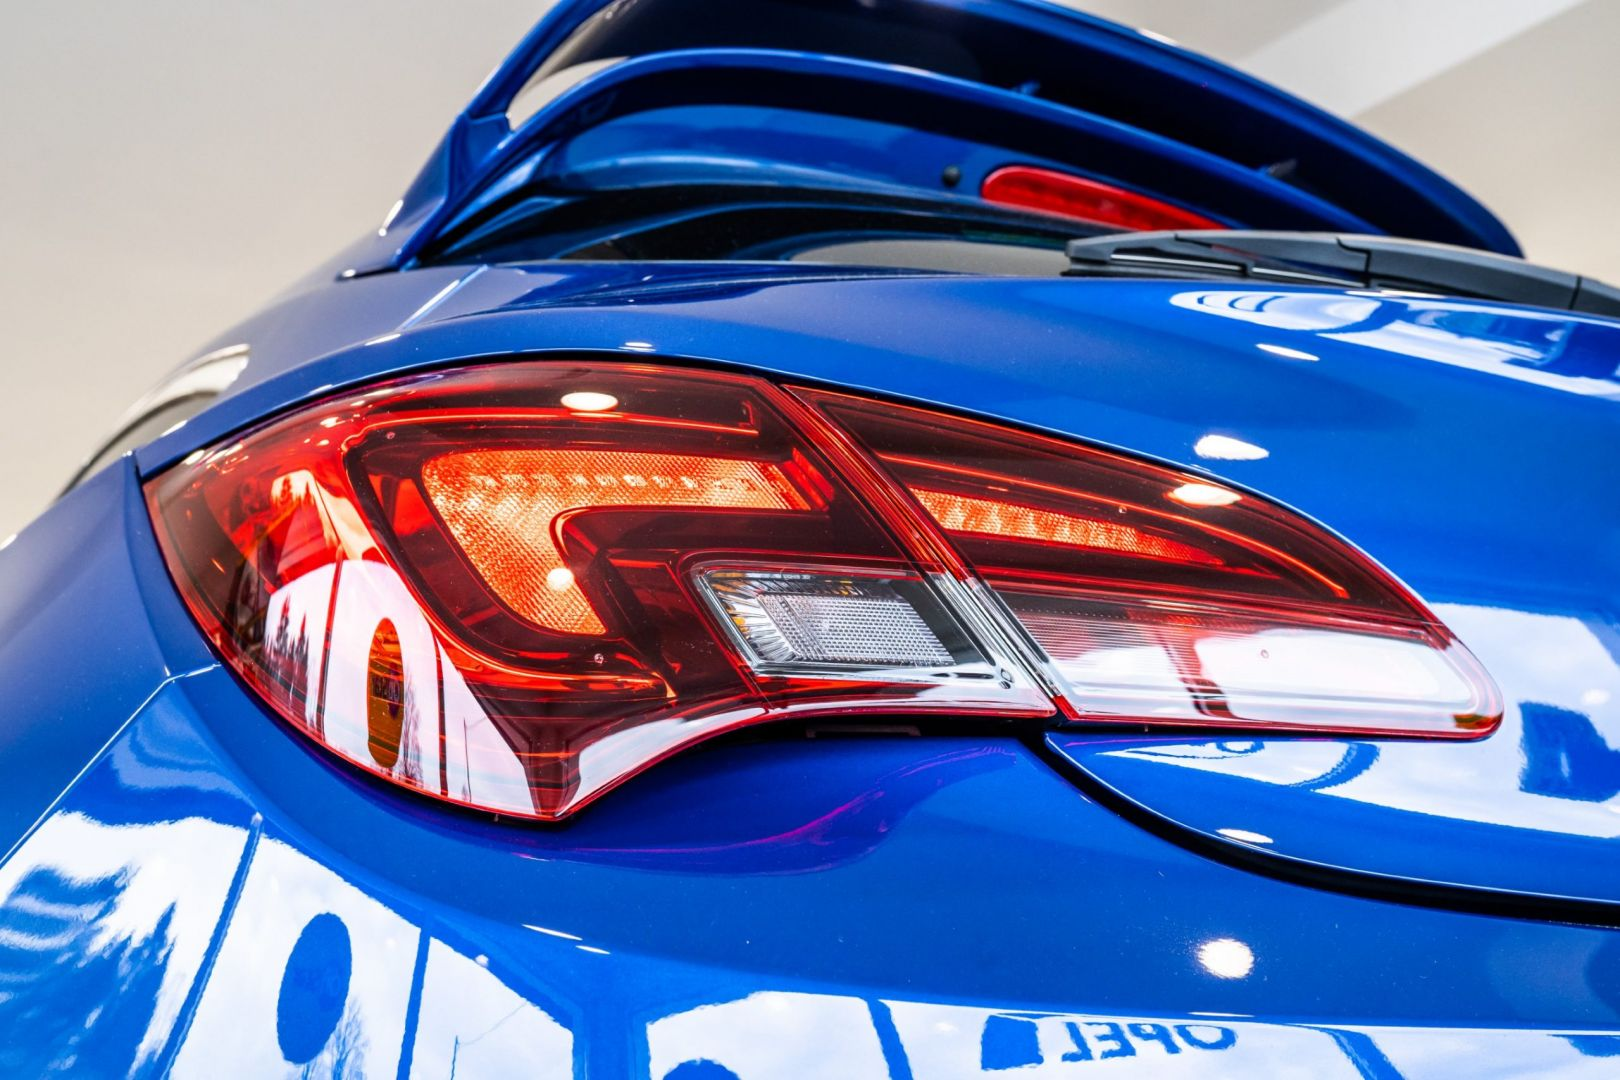 avtohisa-zalar-nova-rabljena-vozila-servis-prodaja-vzdrzevanje-zavarovanje-svetovanje (47)